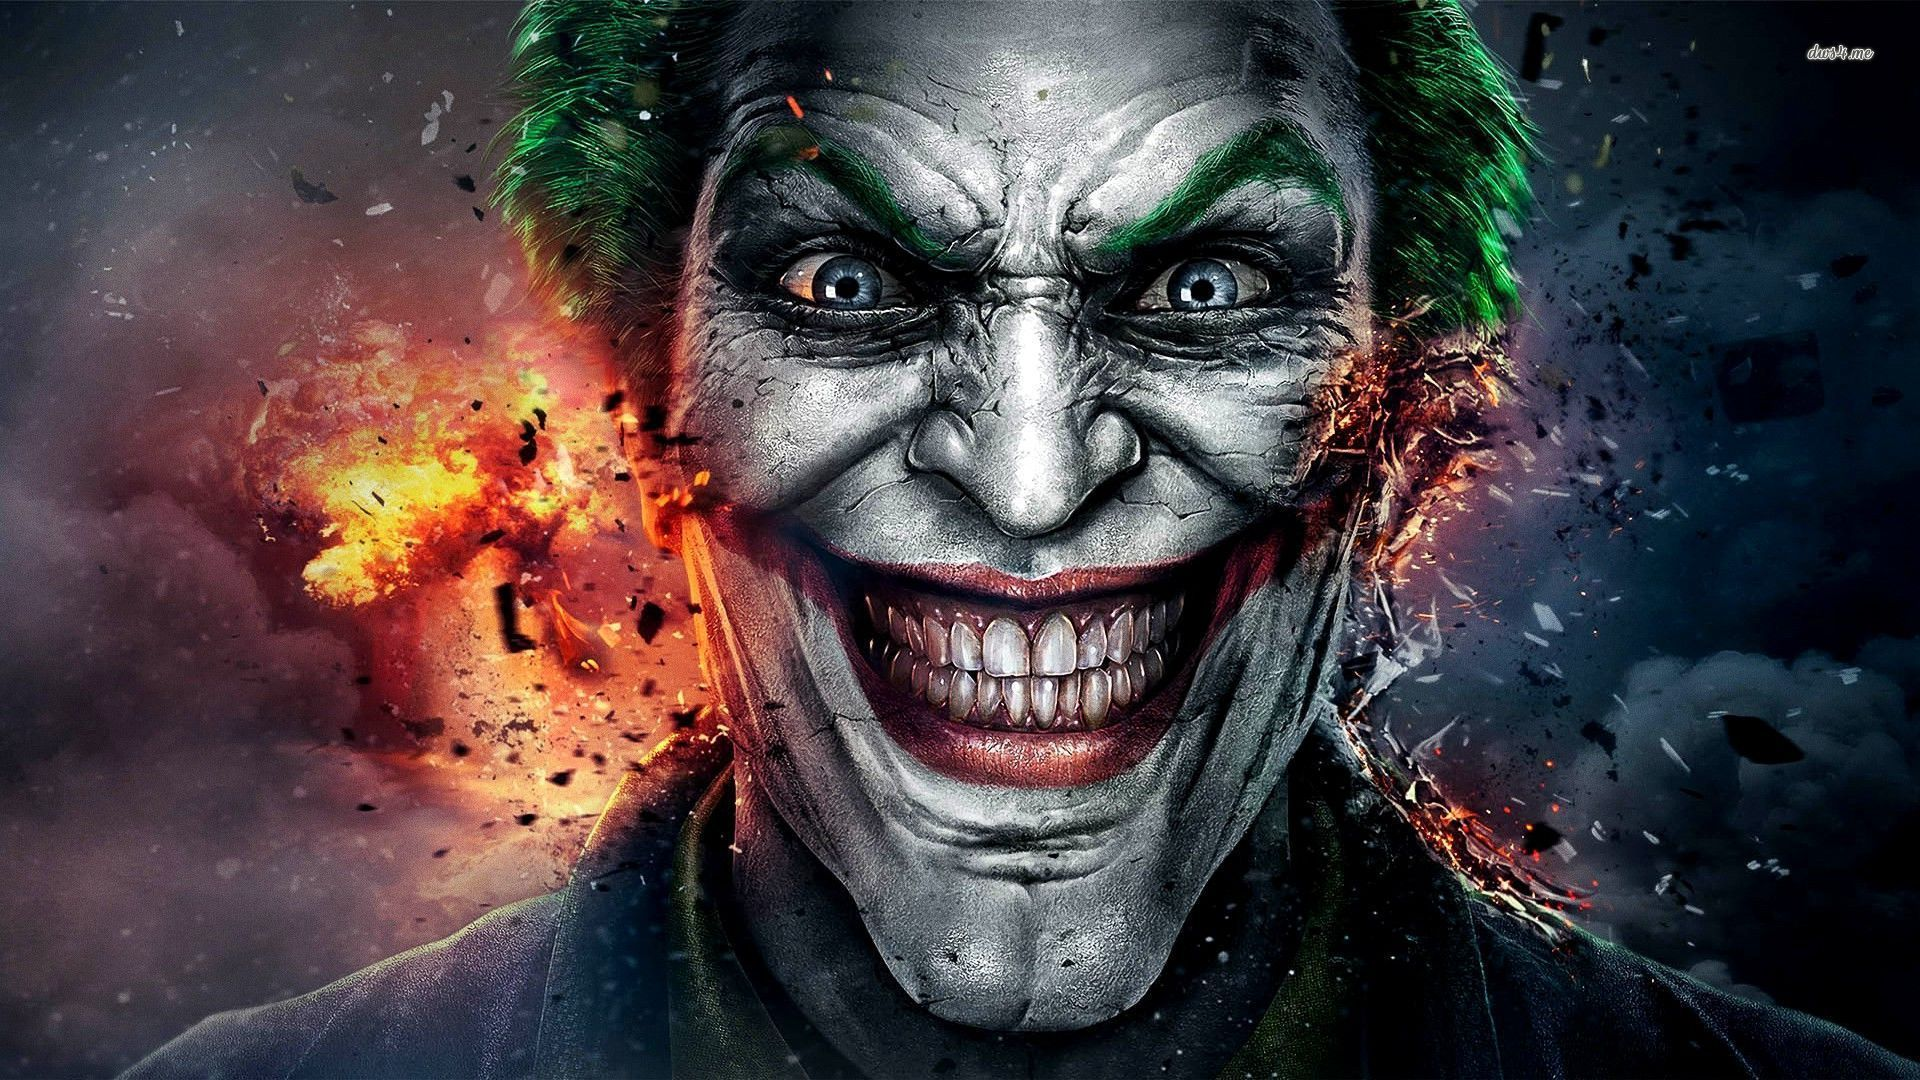 Super Cool Joker Wallpapers Top Free Super Cool Joker